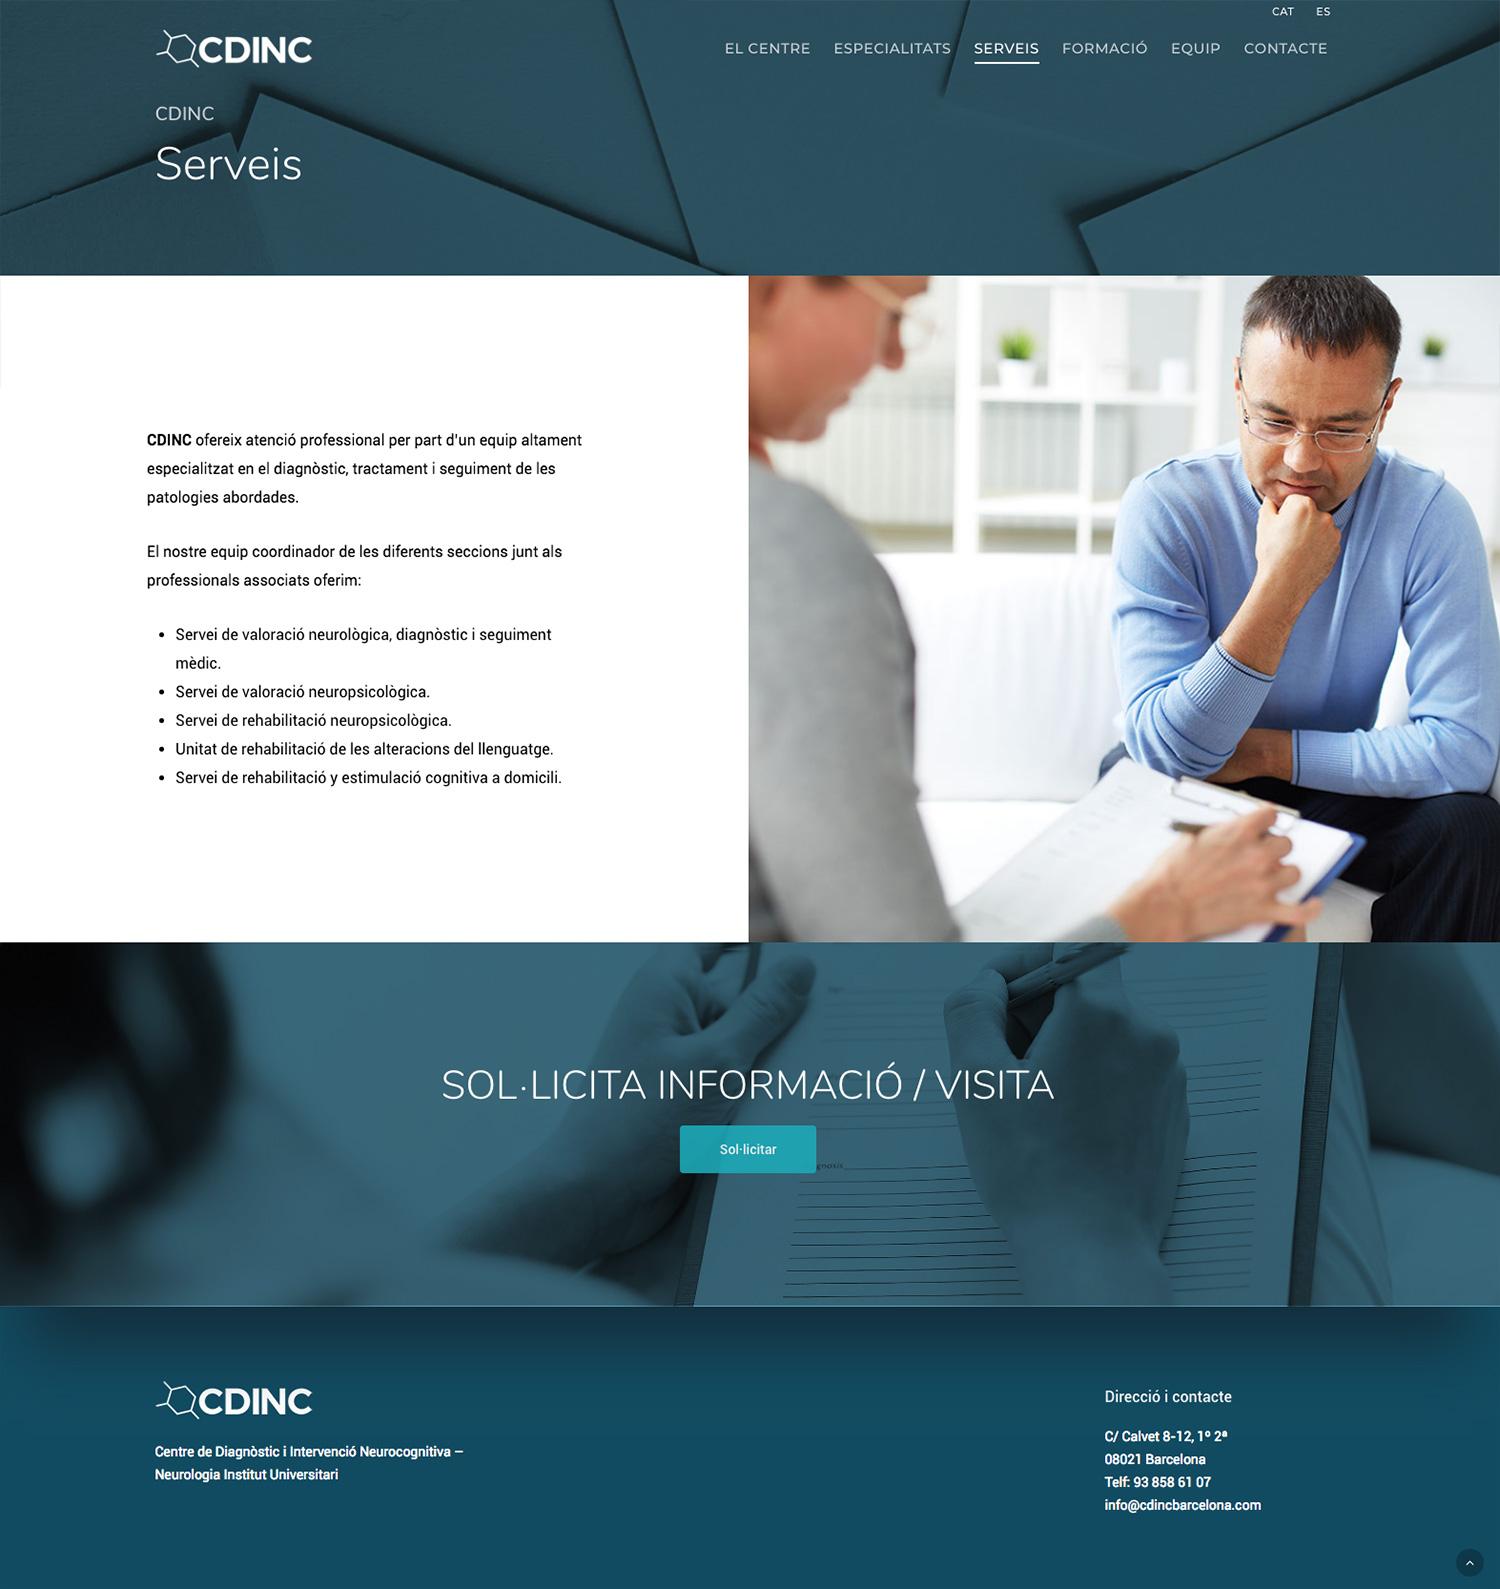 CDINC ★ Centro de diagnóstico e intervención neurocognitiva ★ Website